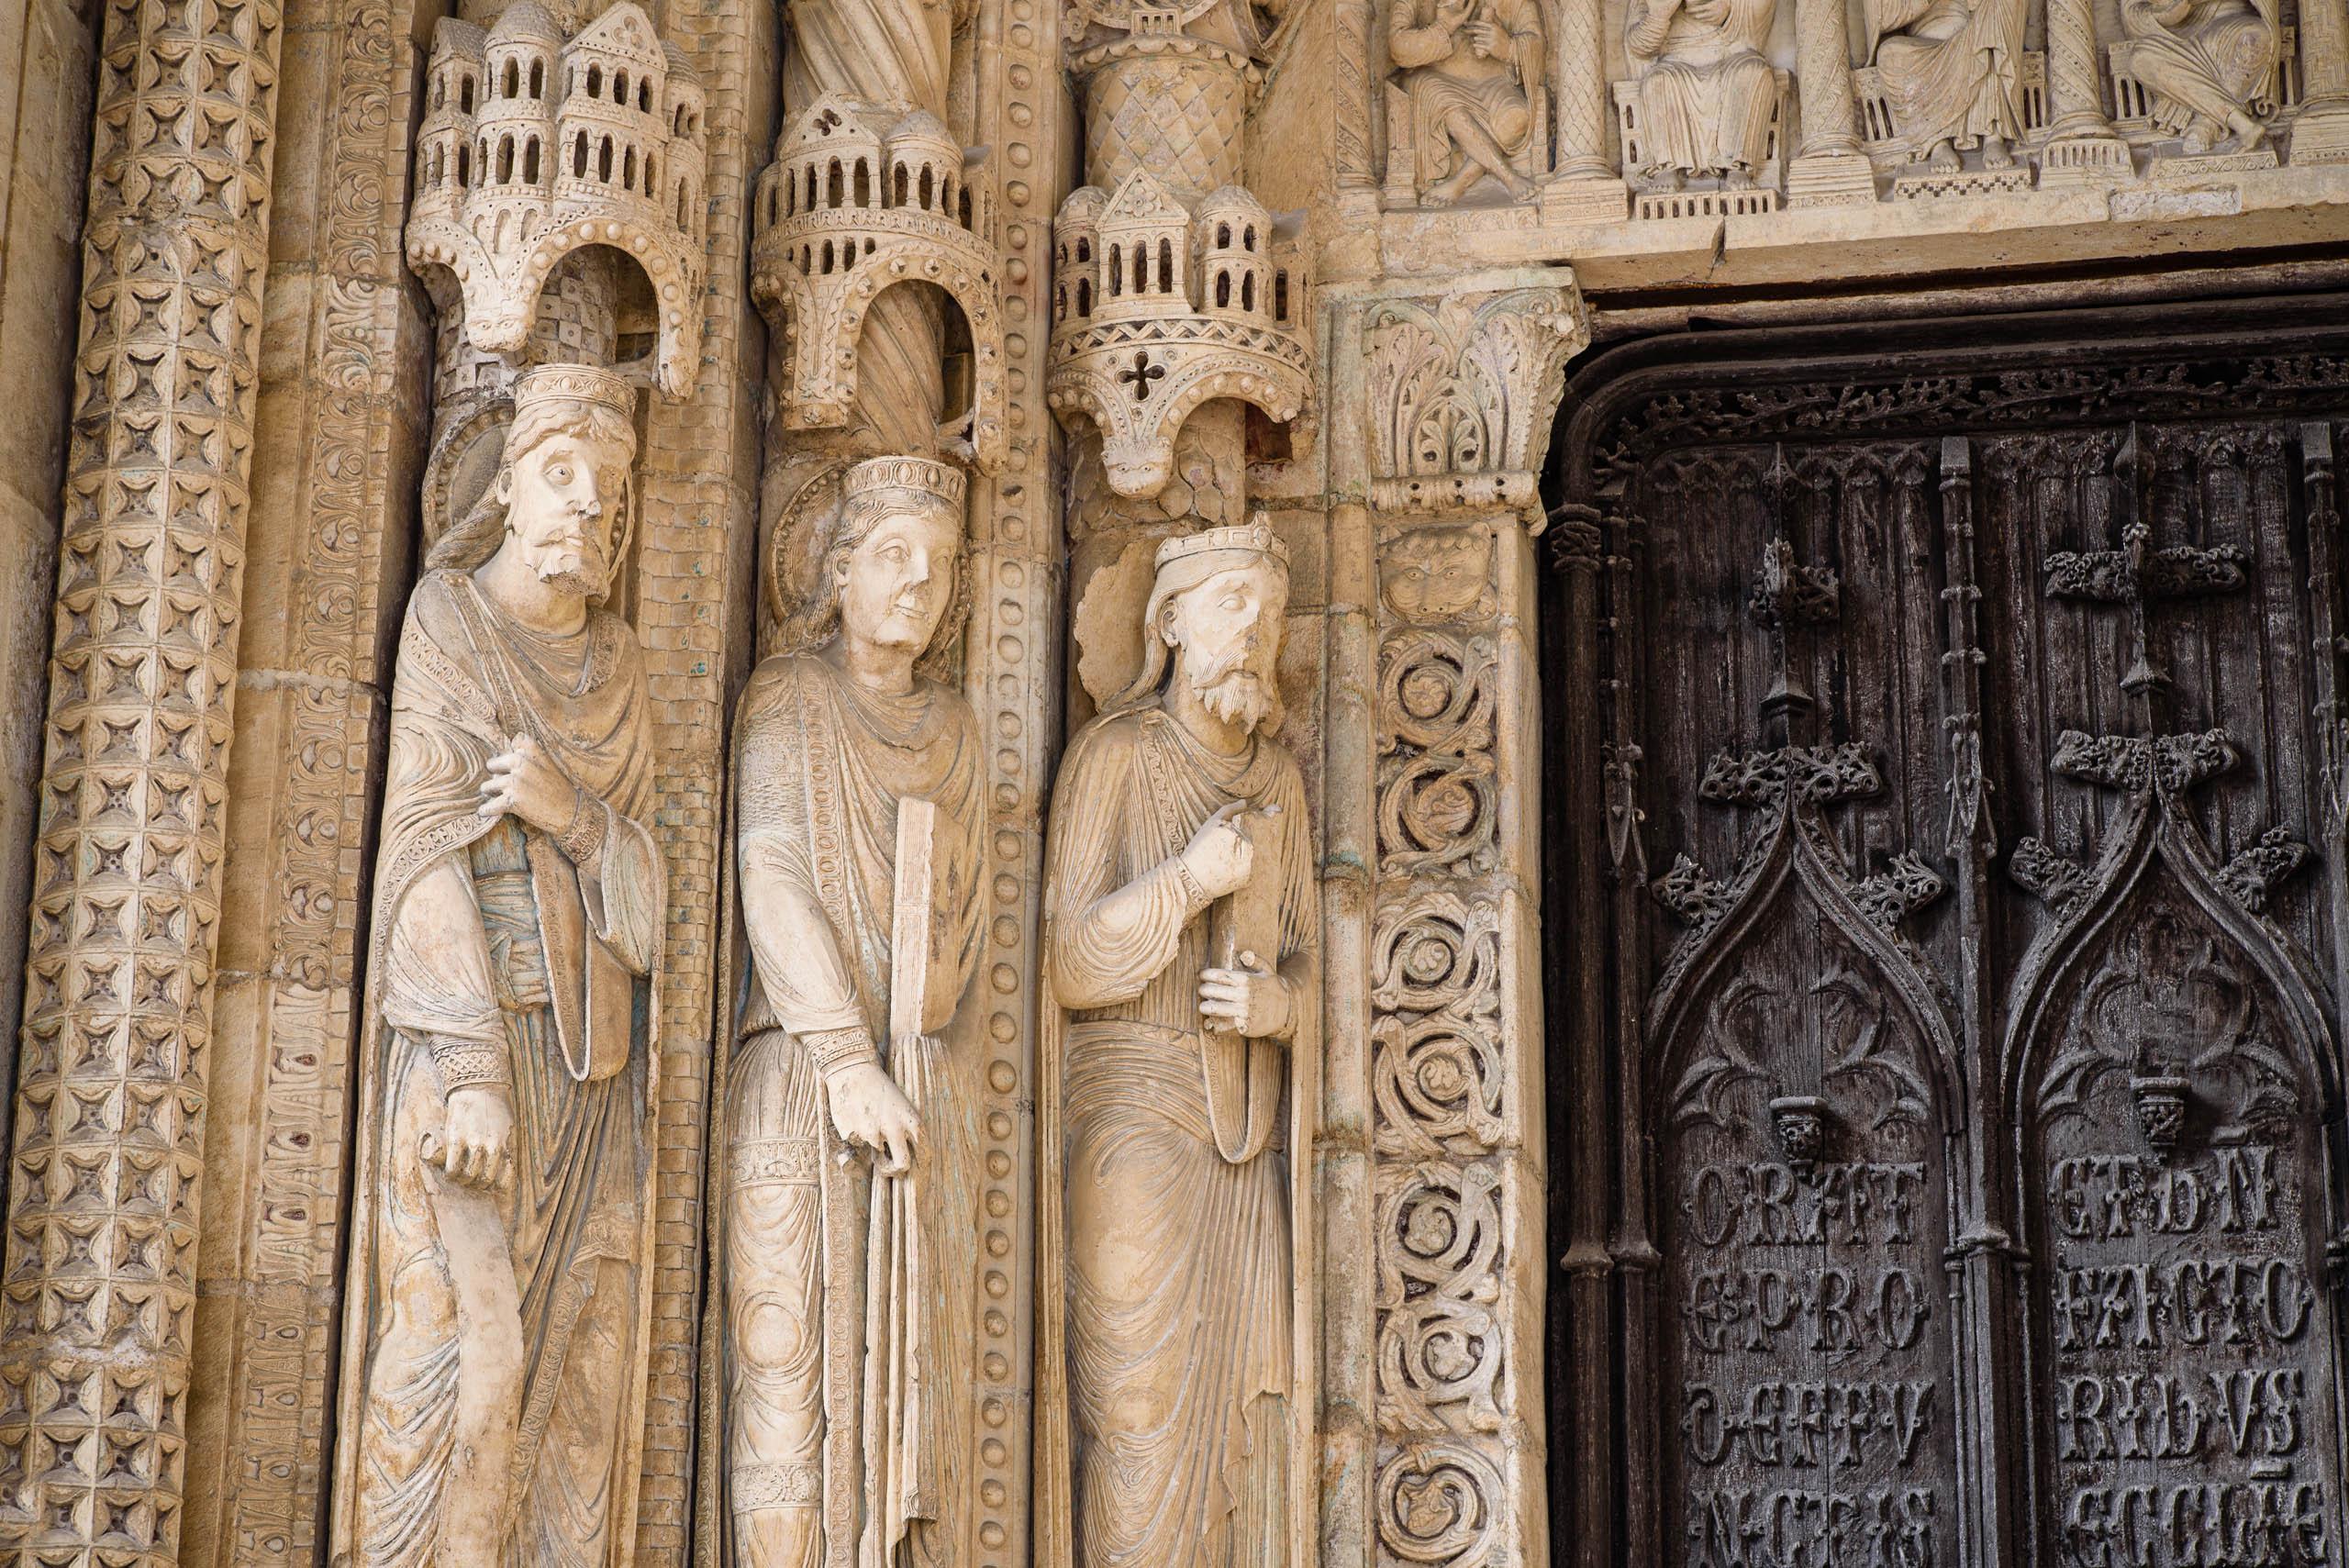 Rzeźby przy wejściu do katedry w Bourges